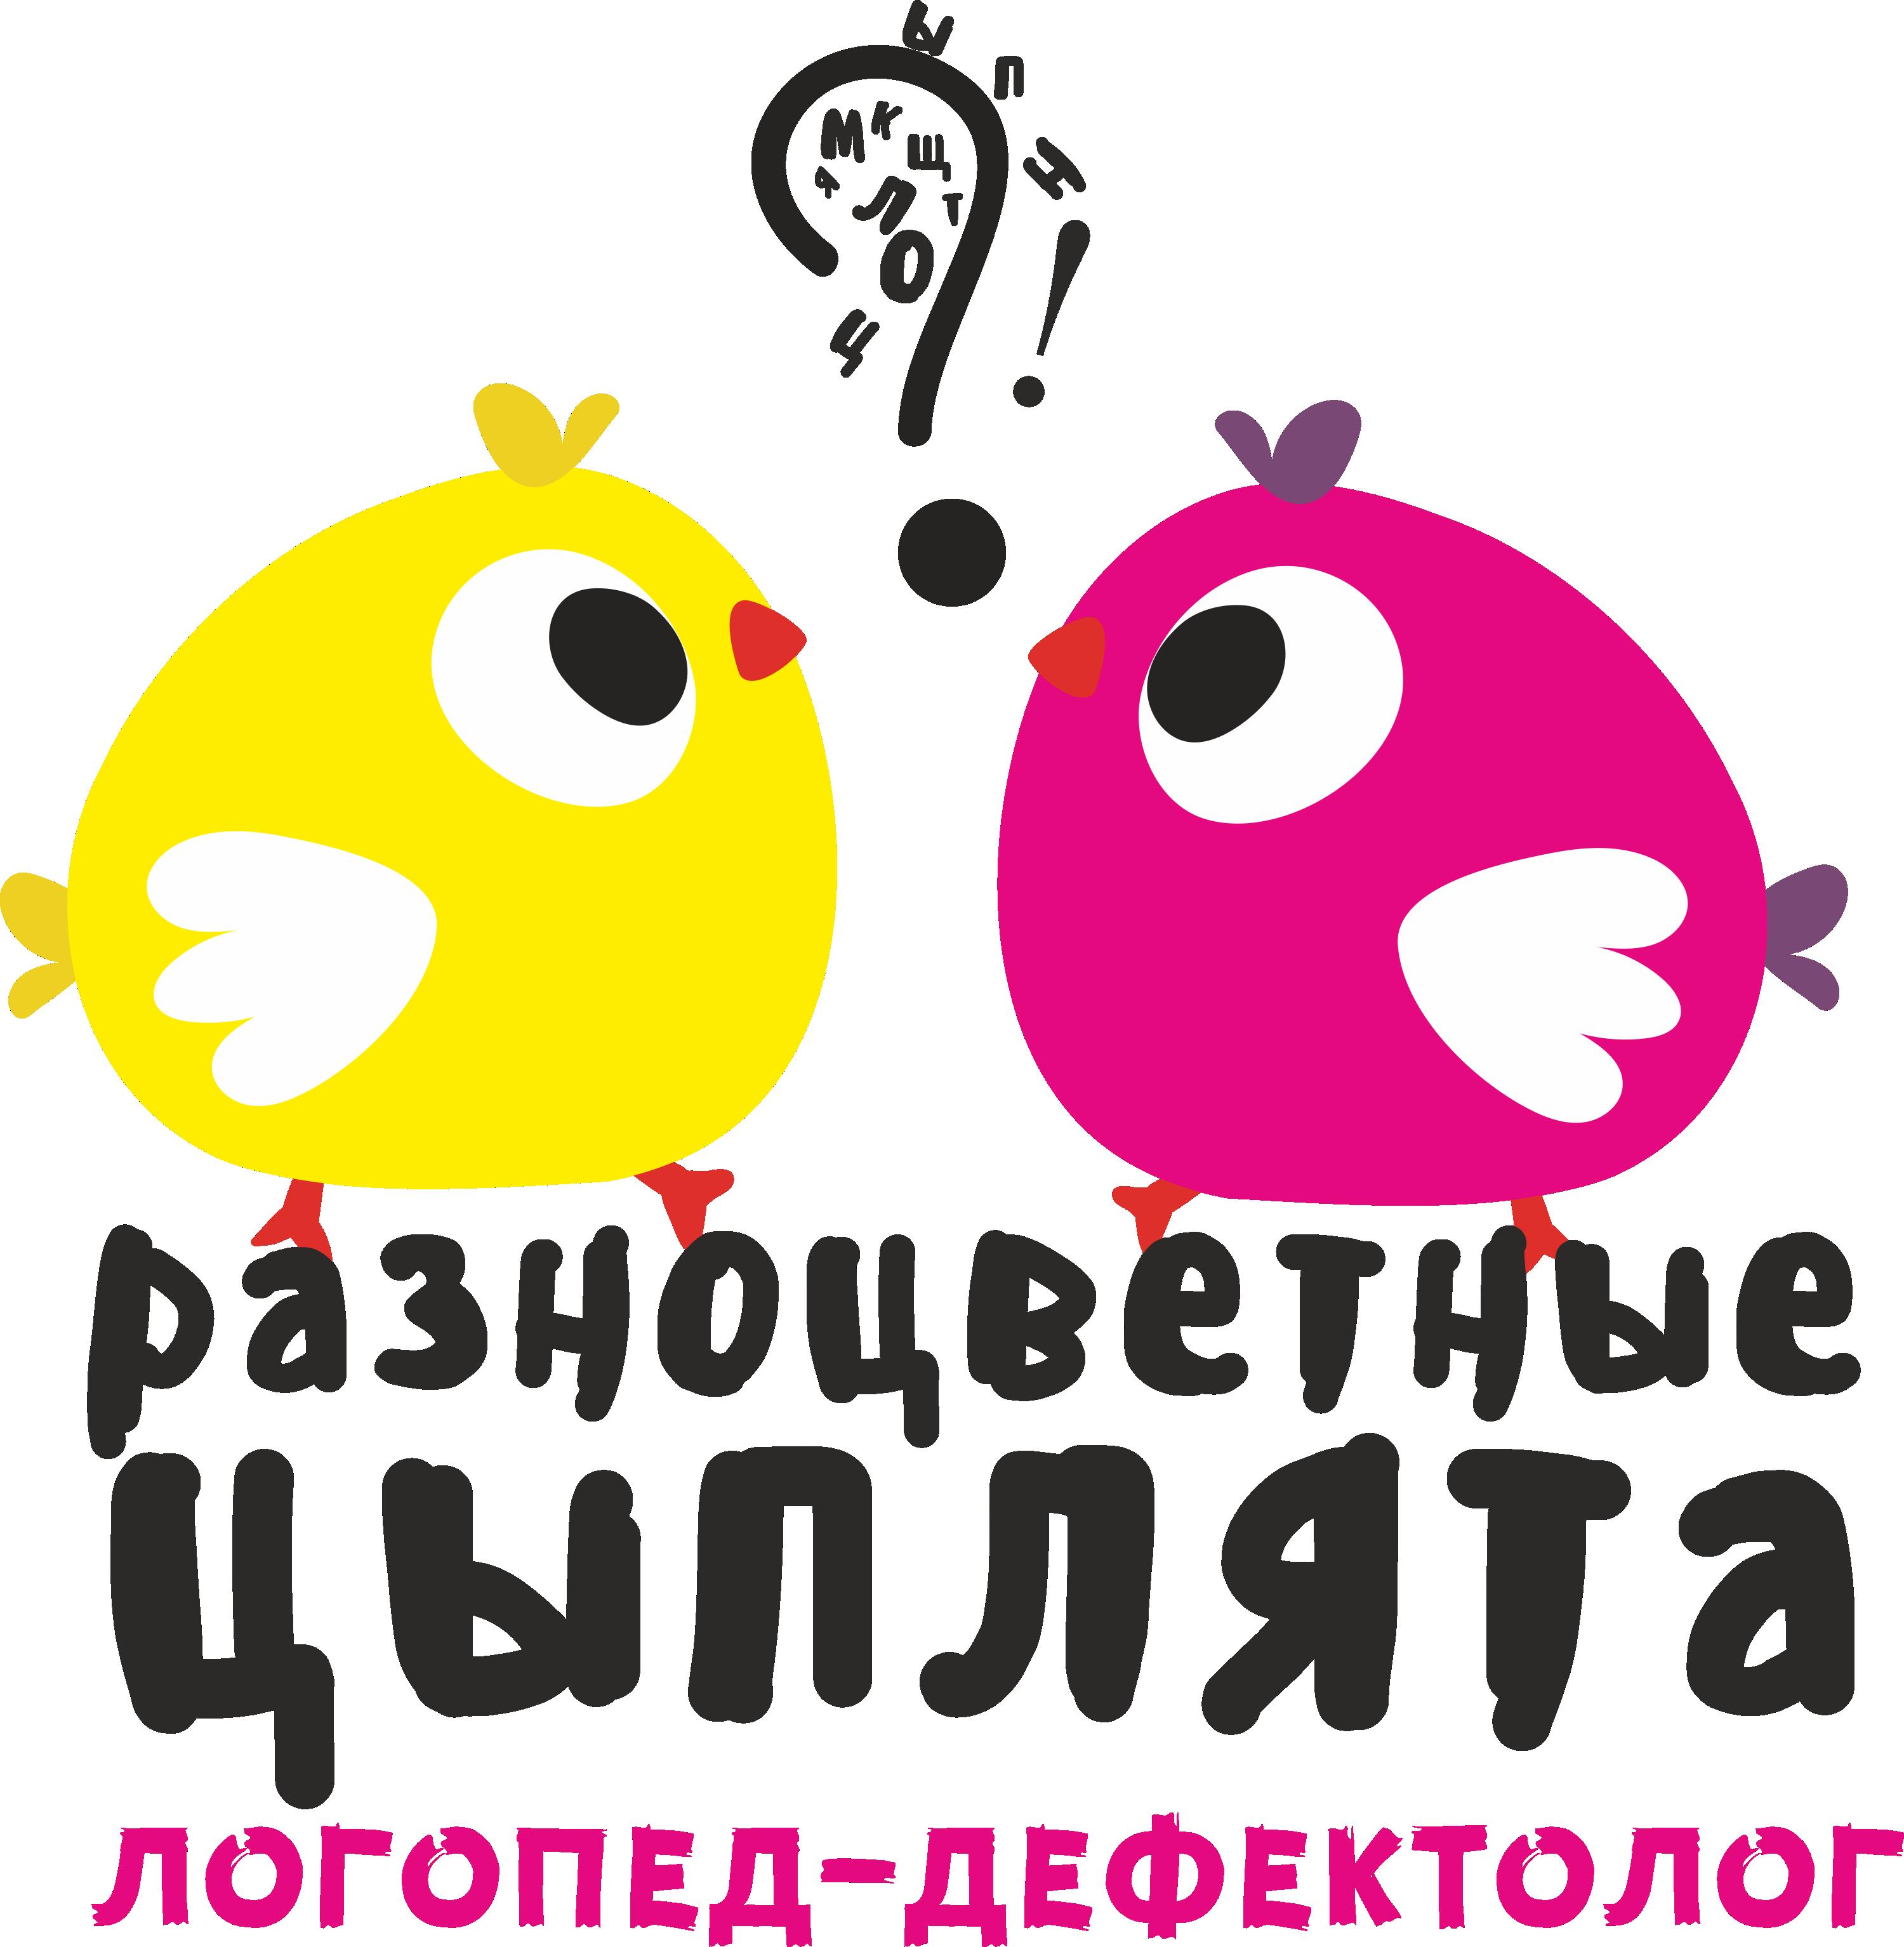 Работа в компании «Разноцветные цыплята» в Санкт-Петербурга